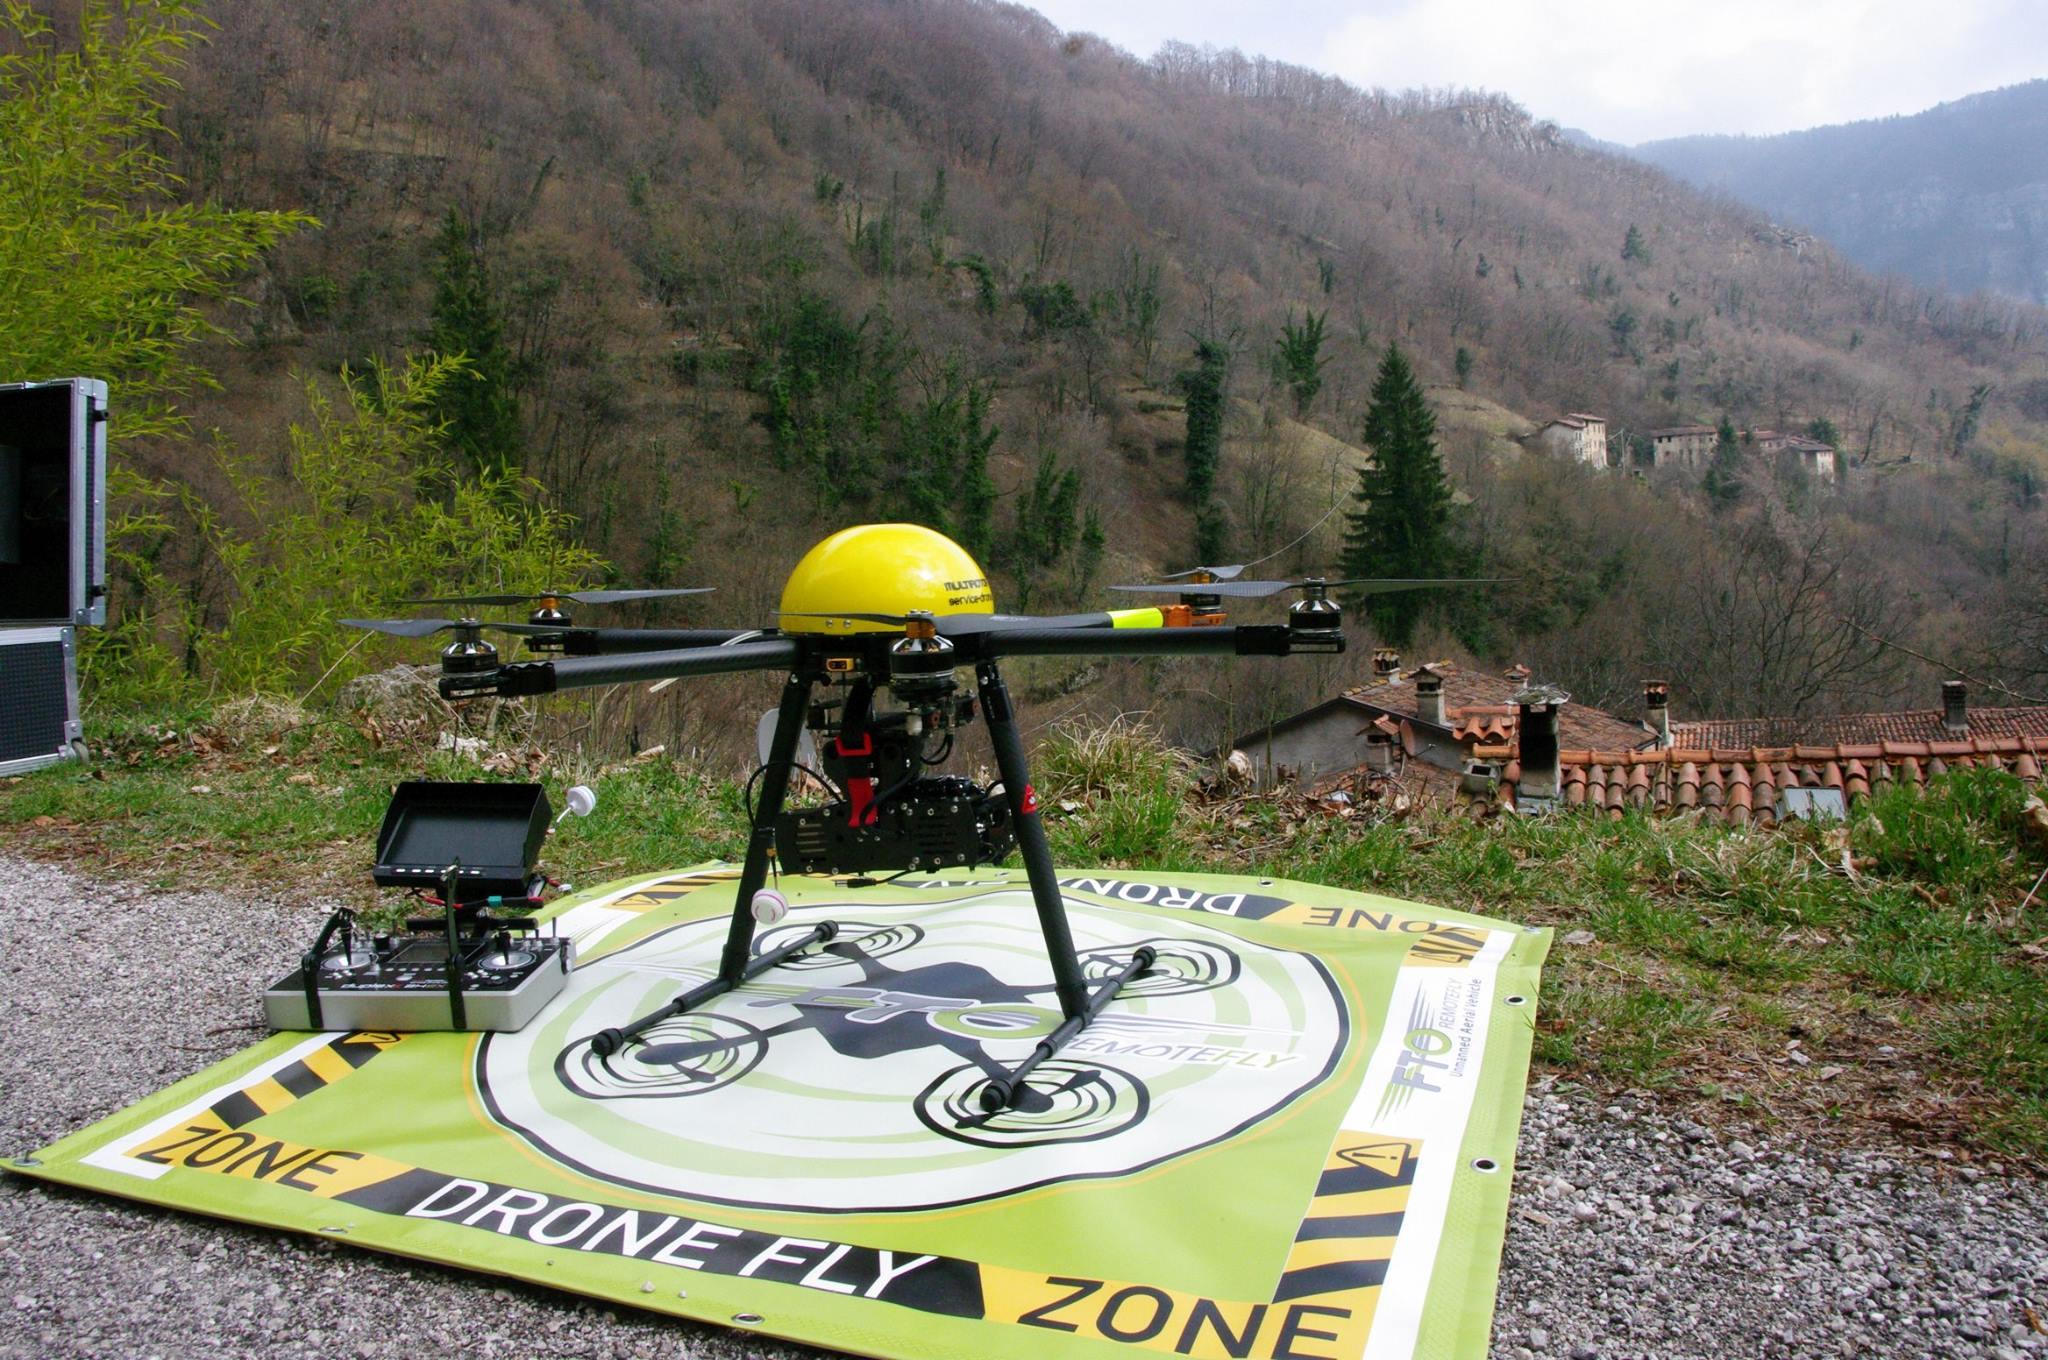 Escursione a Rio Freddo per rilevare, con l'uso del drone, i terrazzamenti abbandonati